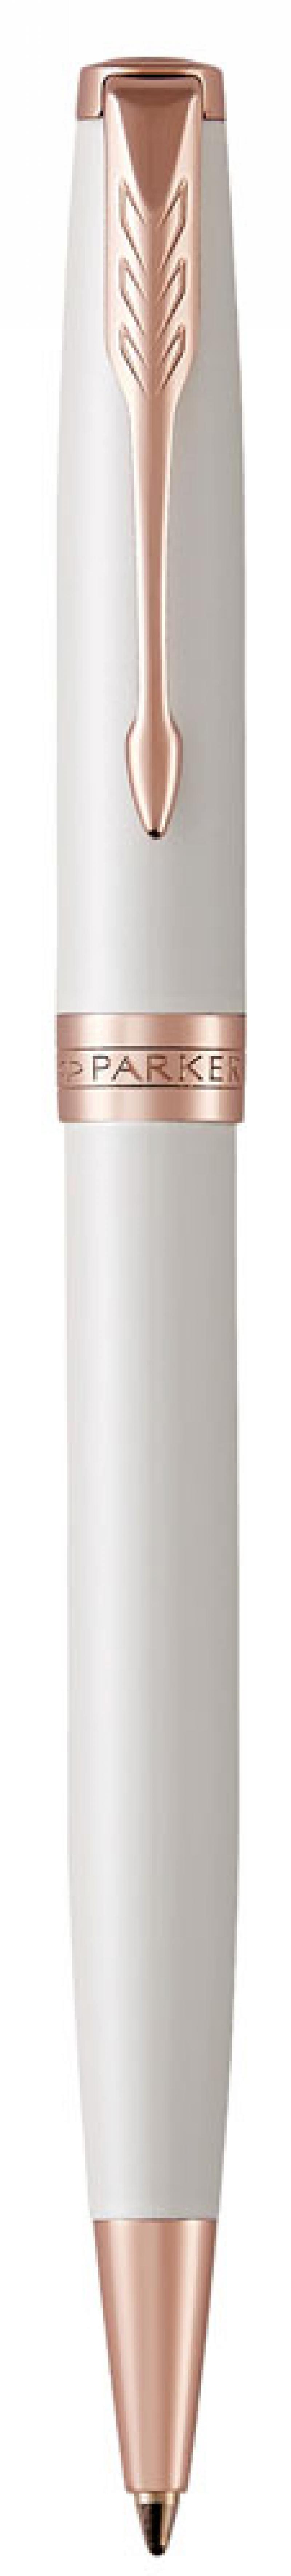 Шариковая ручка поворотная Parker Sonnet Premium K540 Pearl PGT черный M 1931555 шариковая ручка поворотная parker sonnet core k527 stainless steel gt черный m 1931507